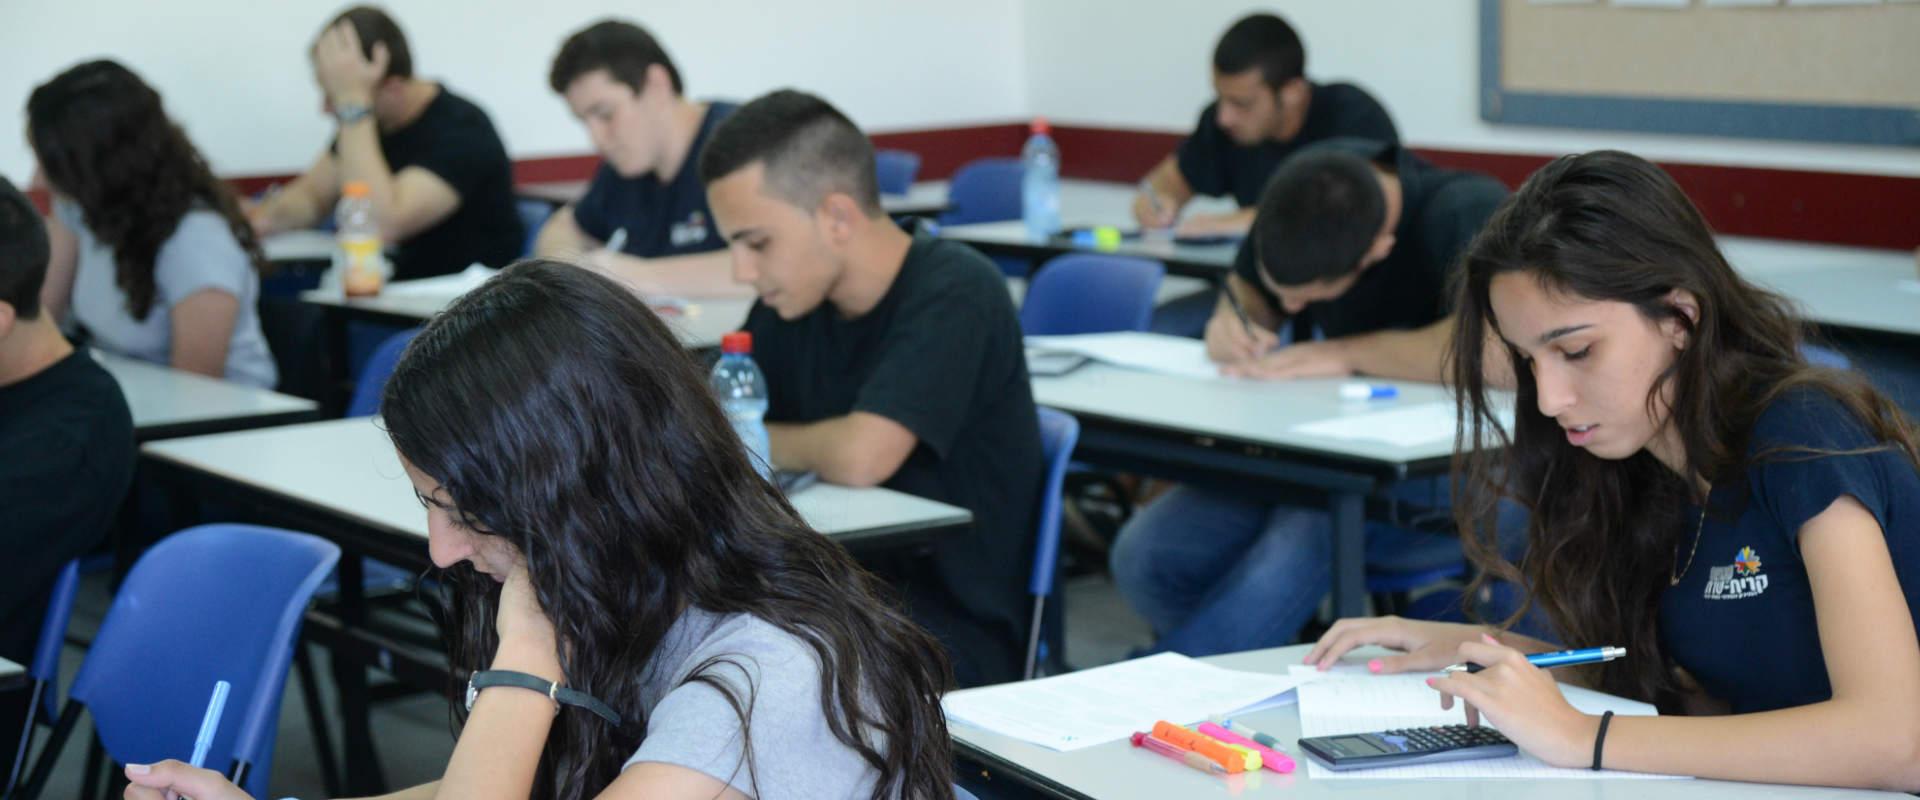 תלמידים נבחנים. למצולמים אין קשר לכתבה